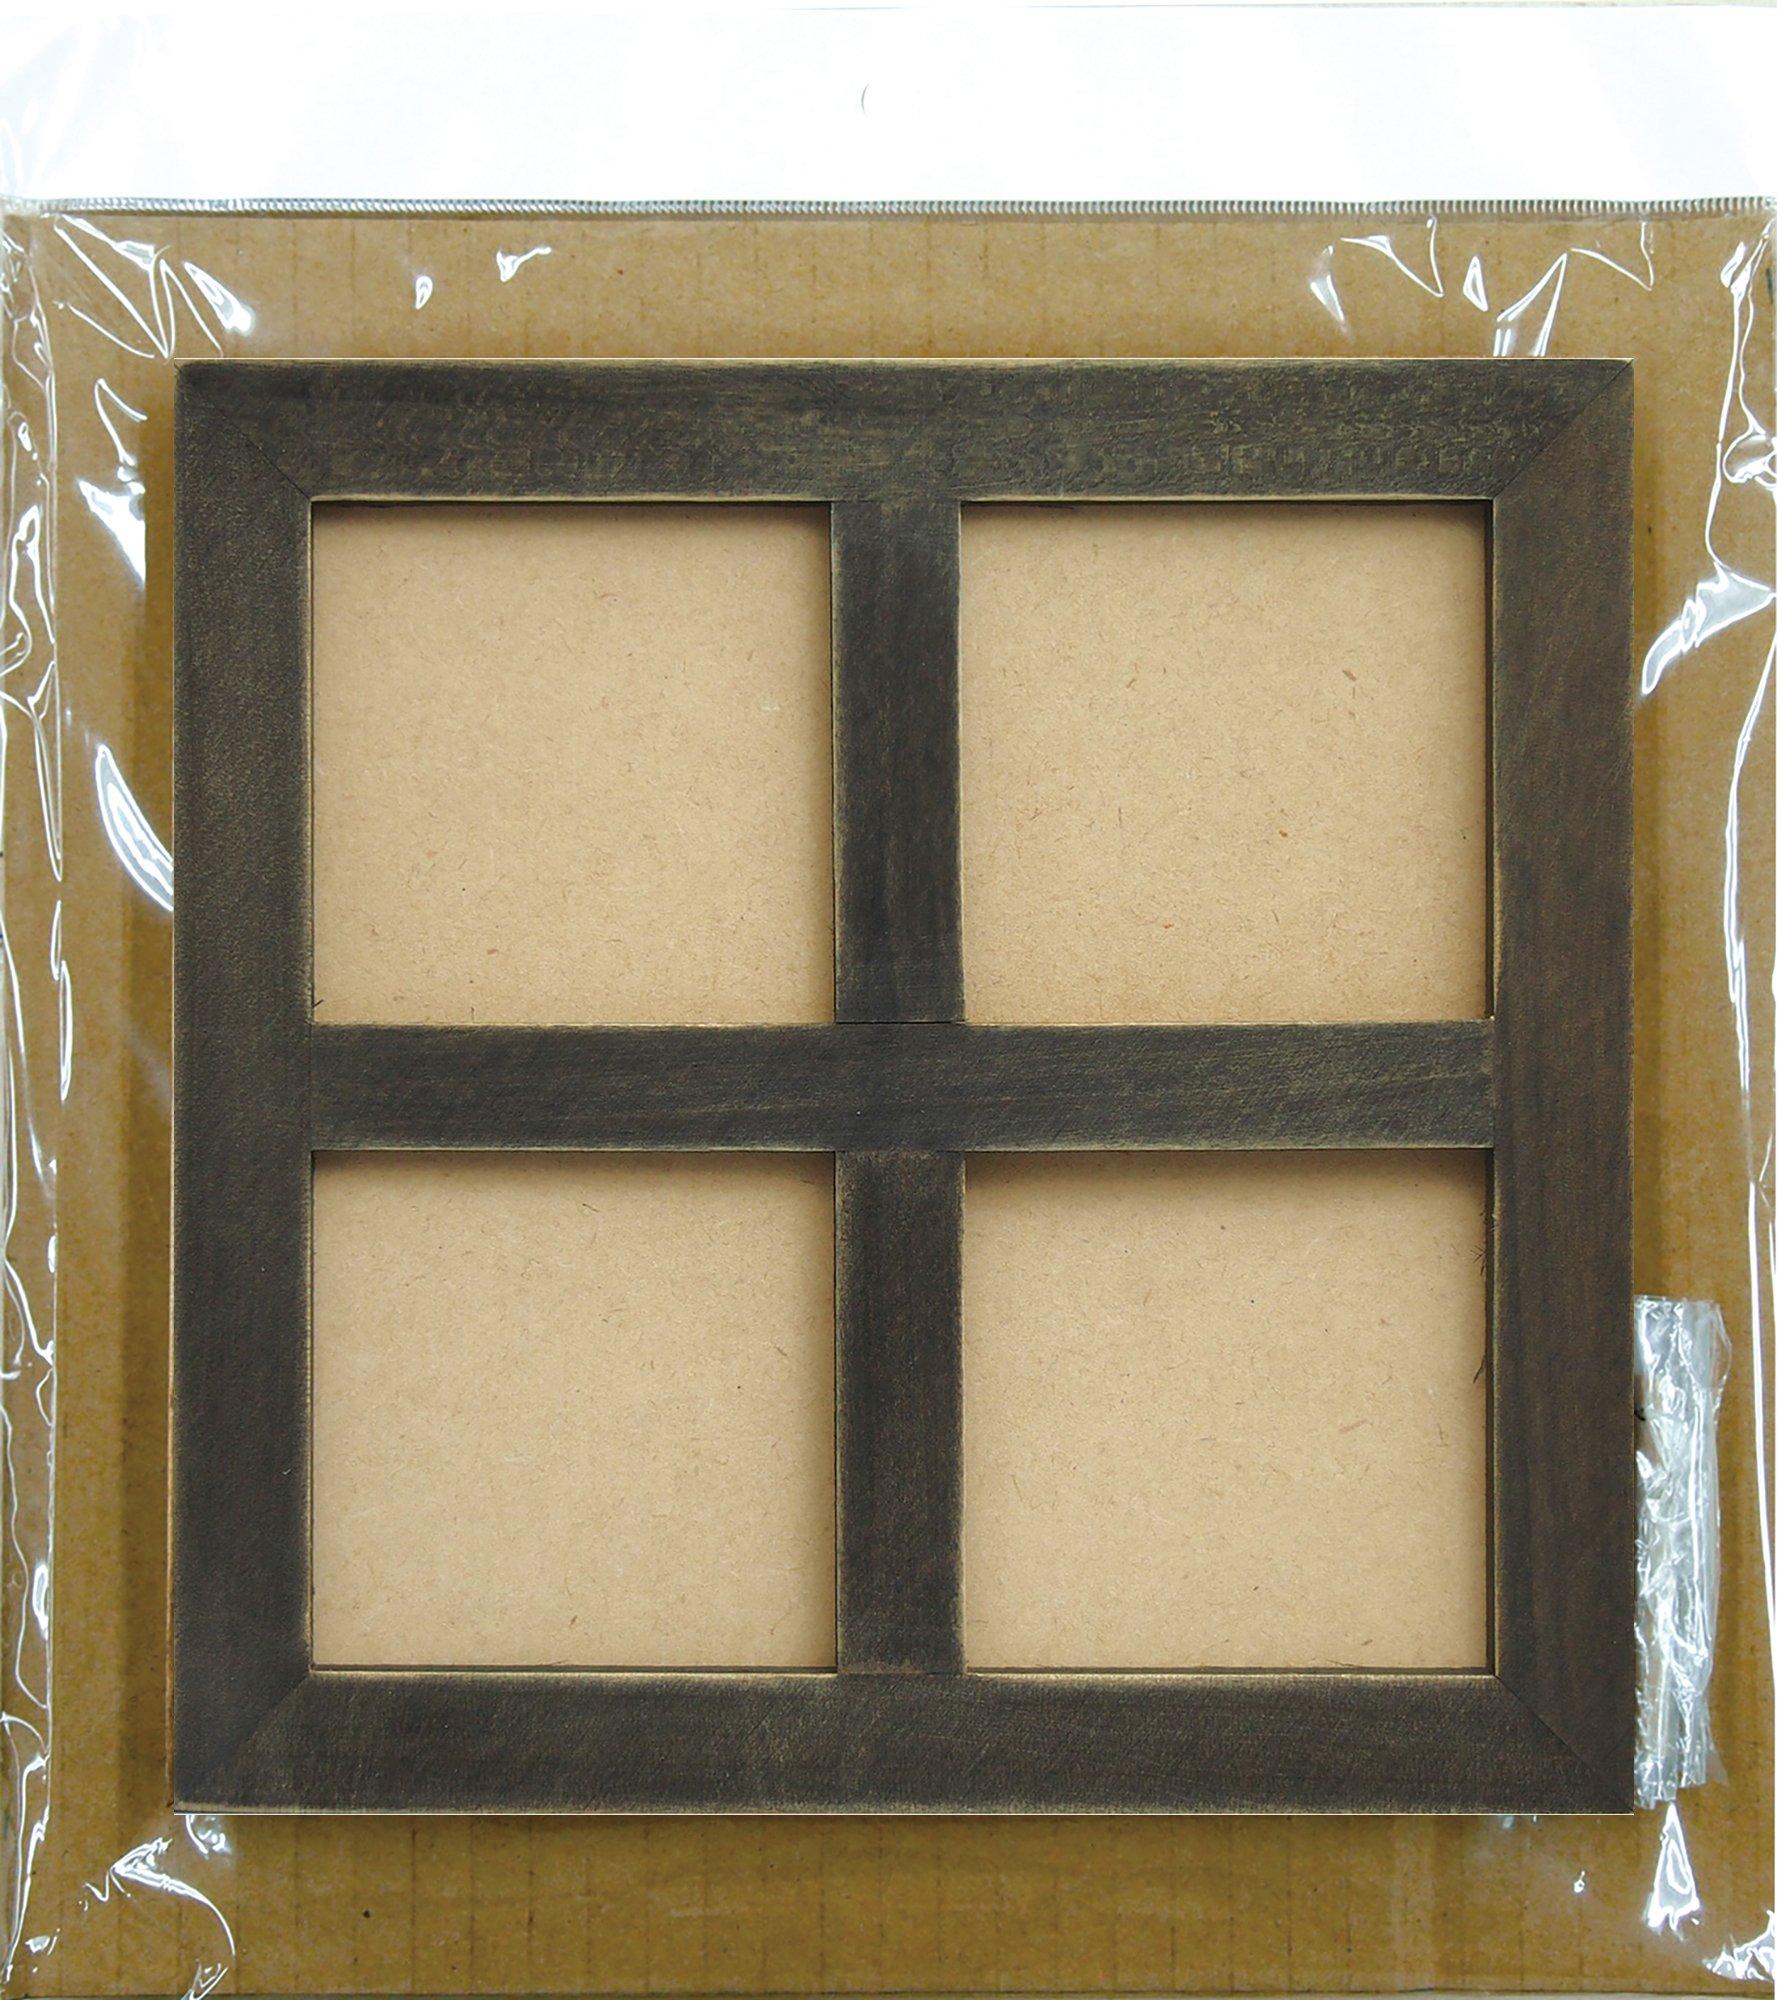 HAKKU Hair Iron Kawaguchi Four-Window Frame Black 96-893, medium, Clear